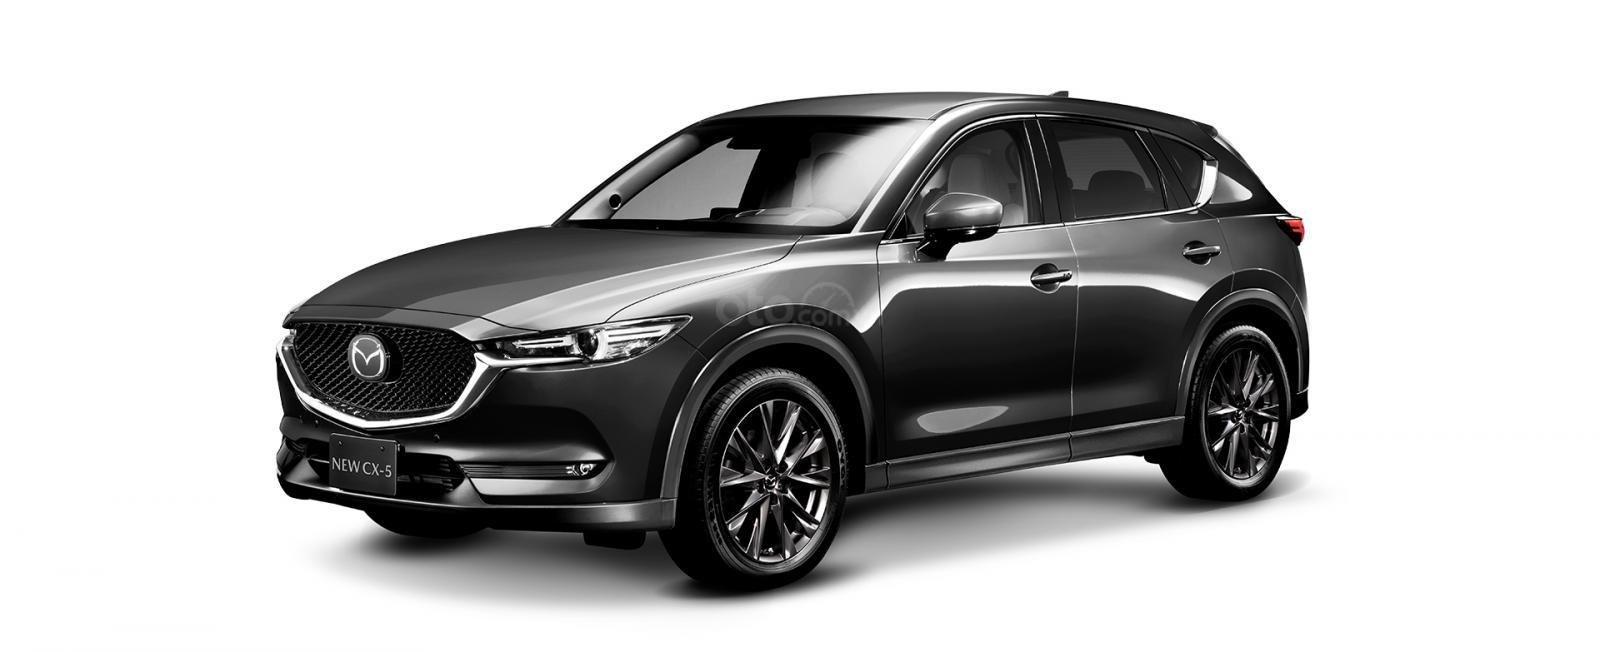 Đánh giá xe Mazda CX-5 2019: Màu Xám.